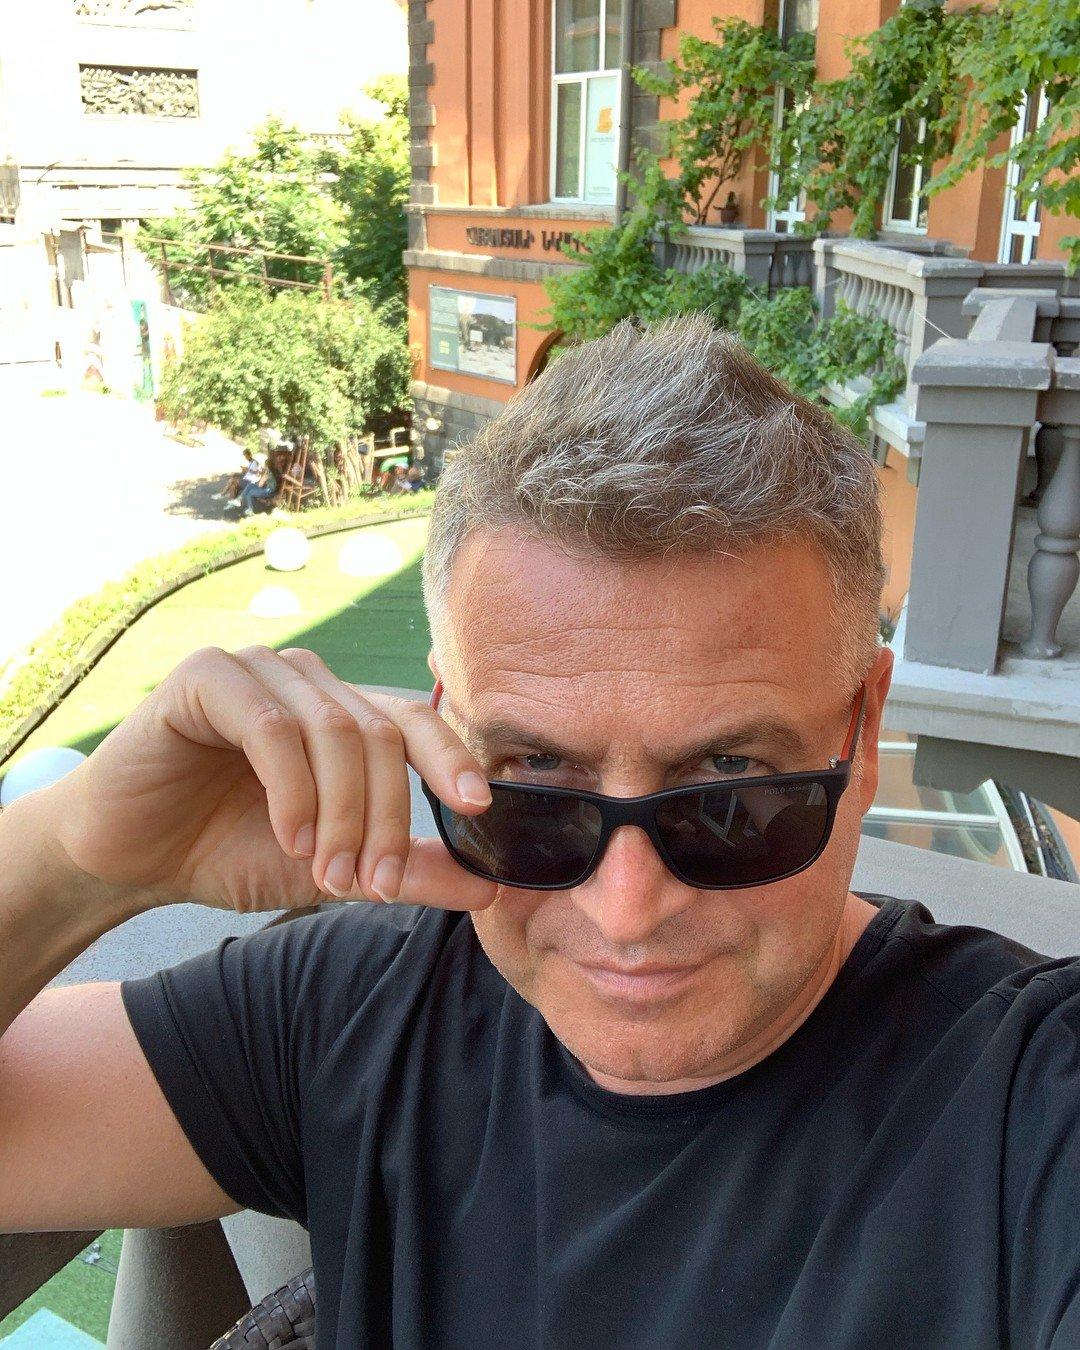 Дамский конгломерат: Леонид Агутин поделился снимком своей большой семьи